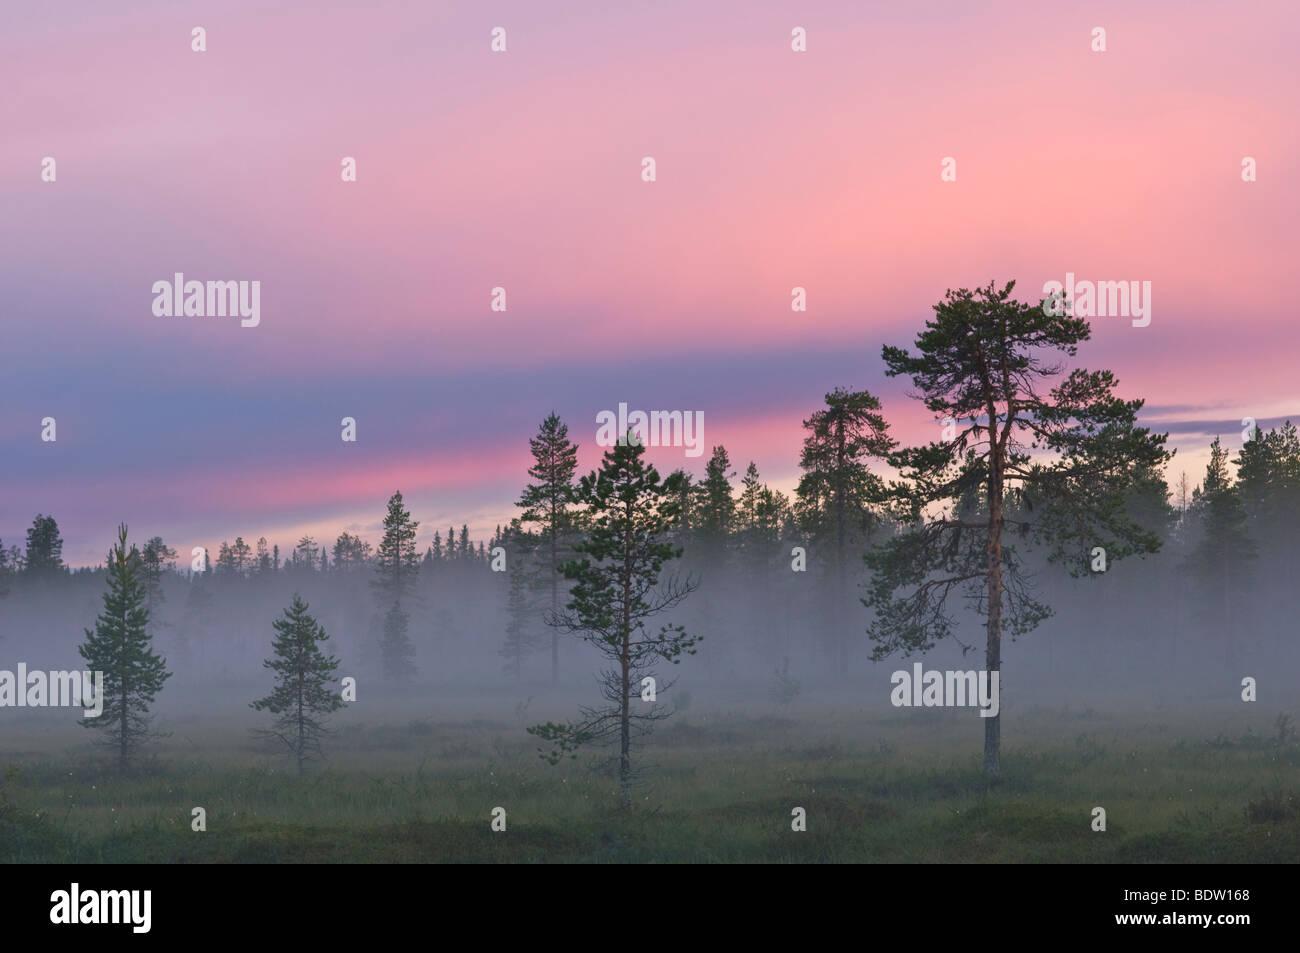 nebel in einem sumpf bei sonnenuntergang, lappland, schweden, mist in bog at sunset, lapland, sweden - Stock Image